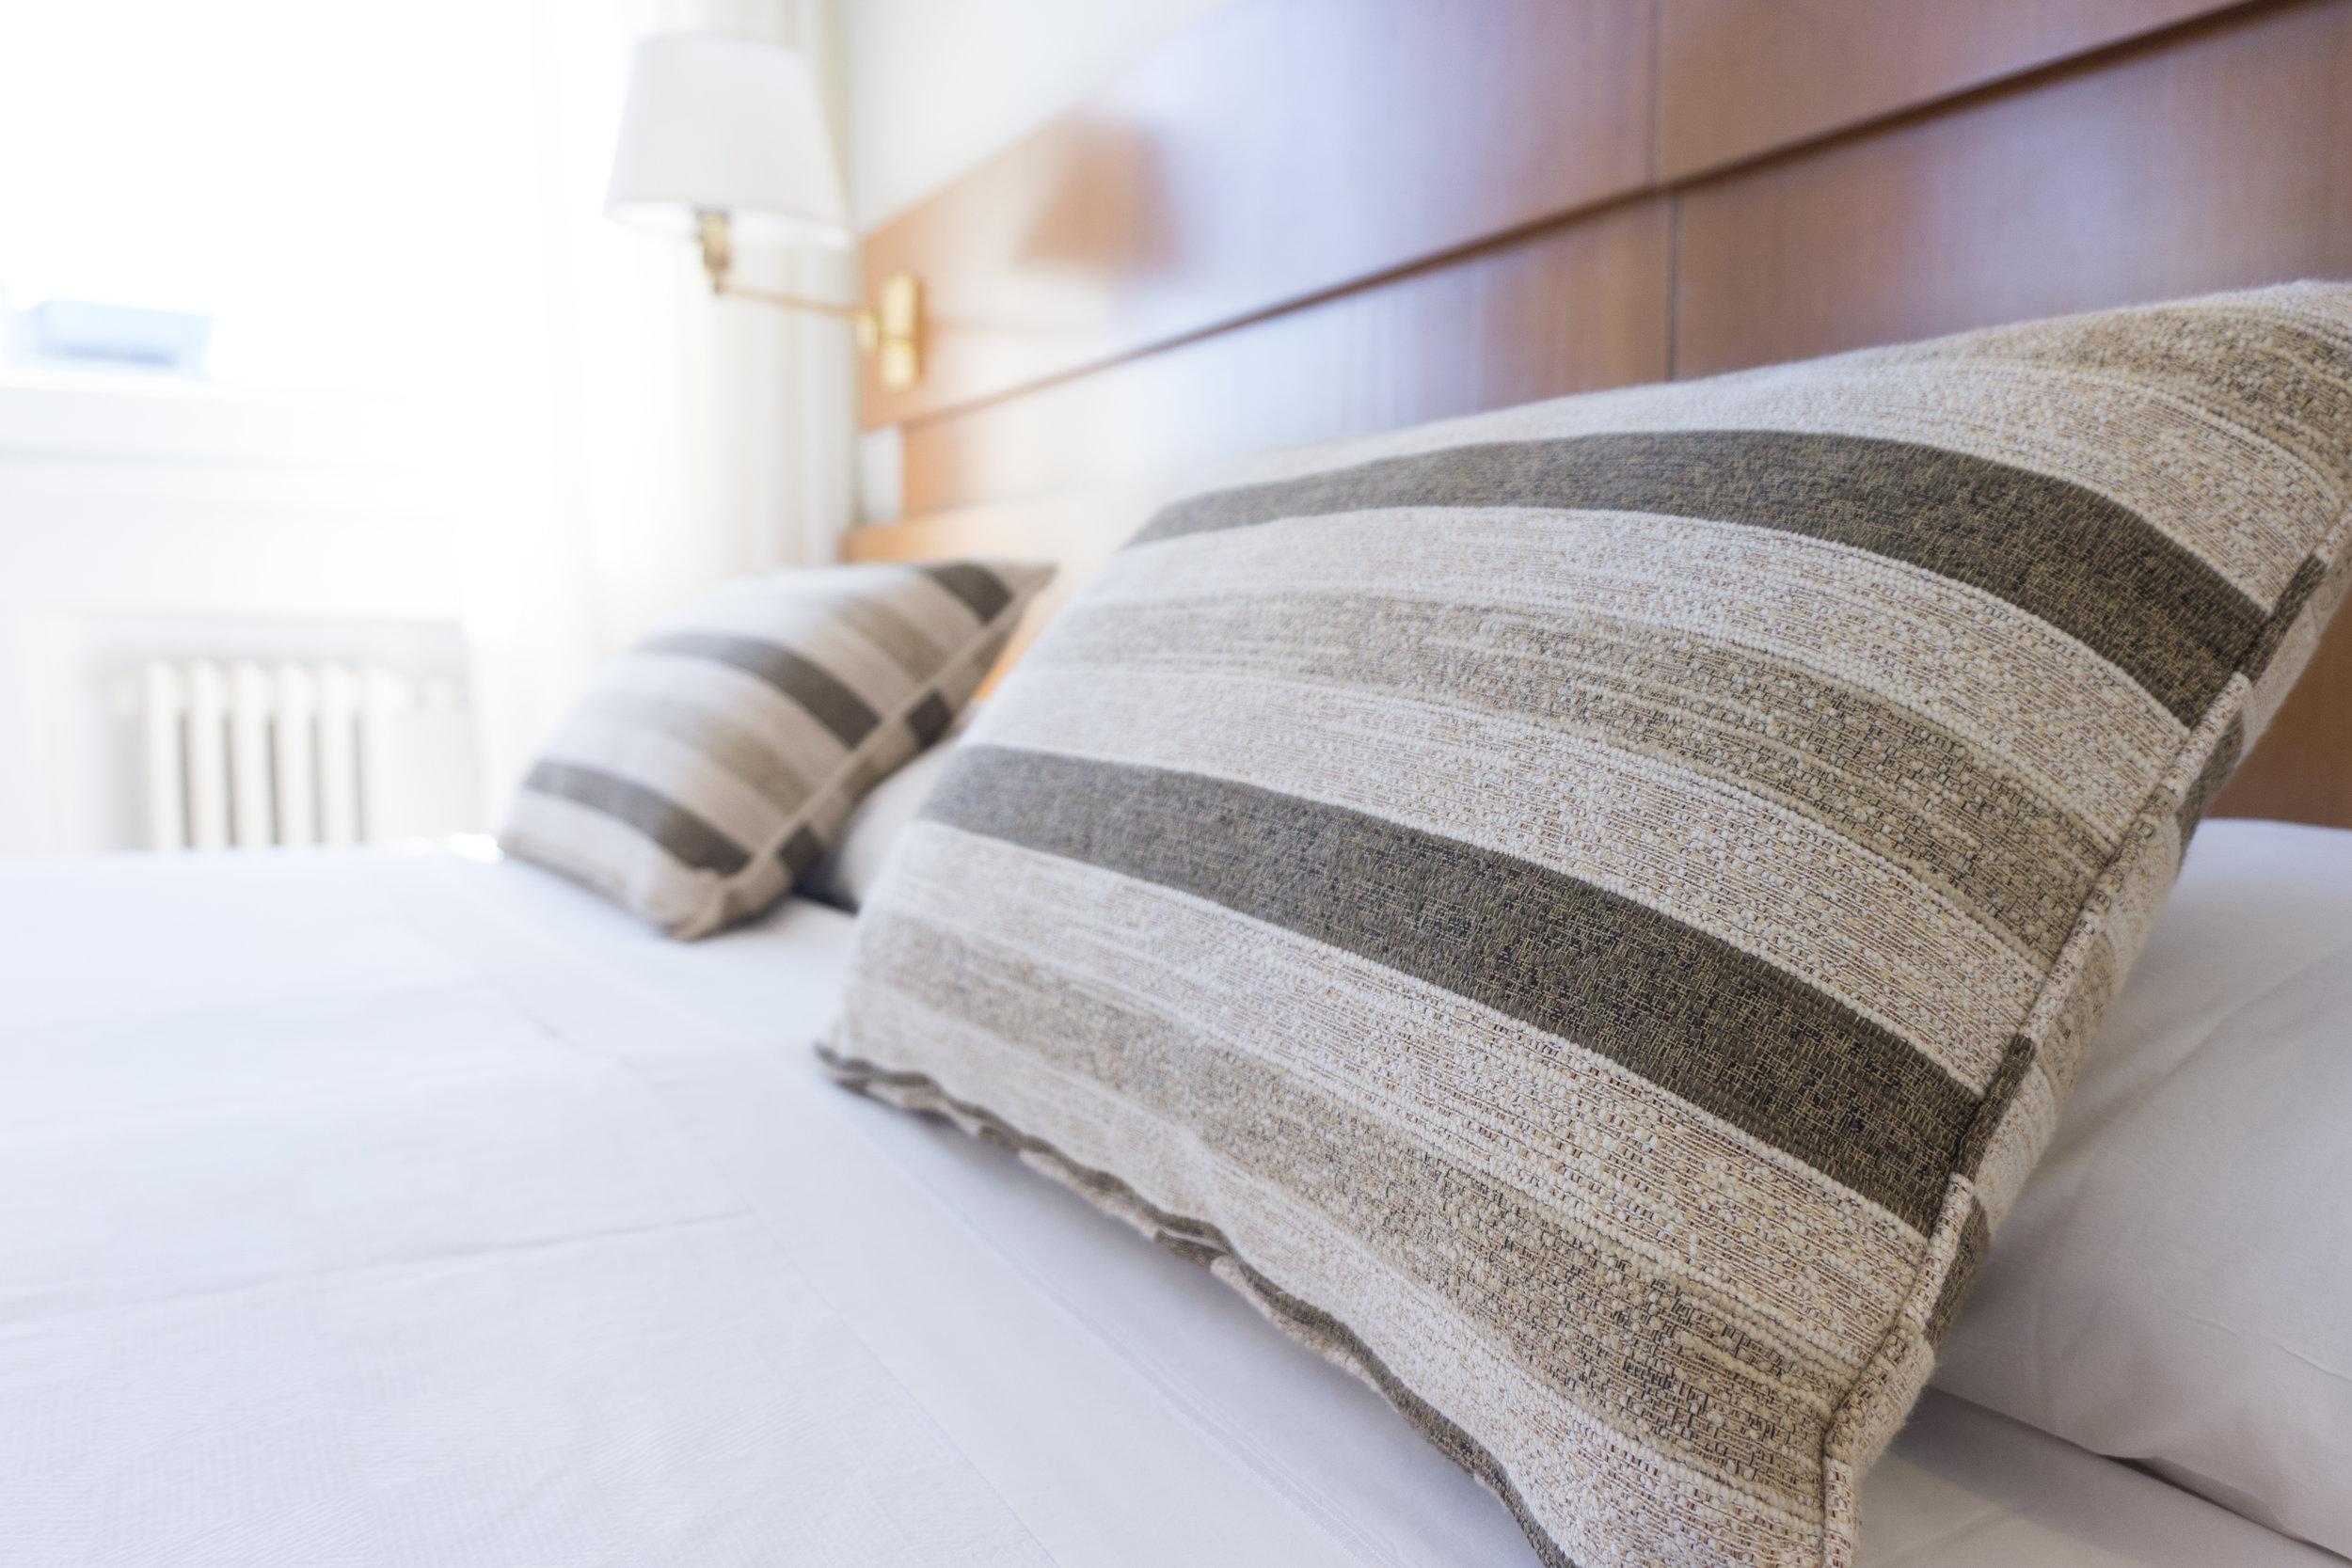 Air DTOX vous propose son concept de chambres hypoallergènes pour assurer un séjour confortable à vos clients. - Ces chambres assurent une meilleure qualité de l'air grâce à leur aménagement et leur équipement, afin de réduire considérablement les symptômes allergiques. Nos appareils assainissent et purifient l'air ambiant, pour permettre à vos clients de dormir sur leurs deux oreilles.